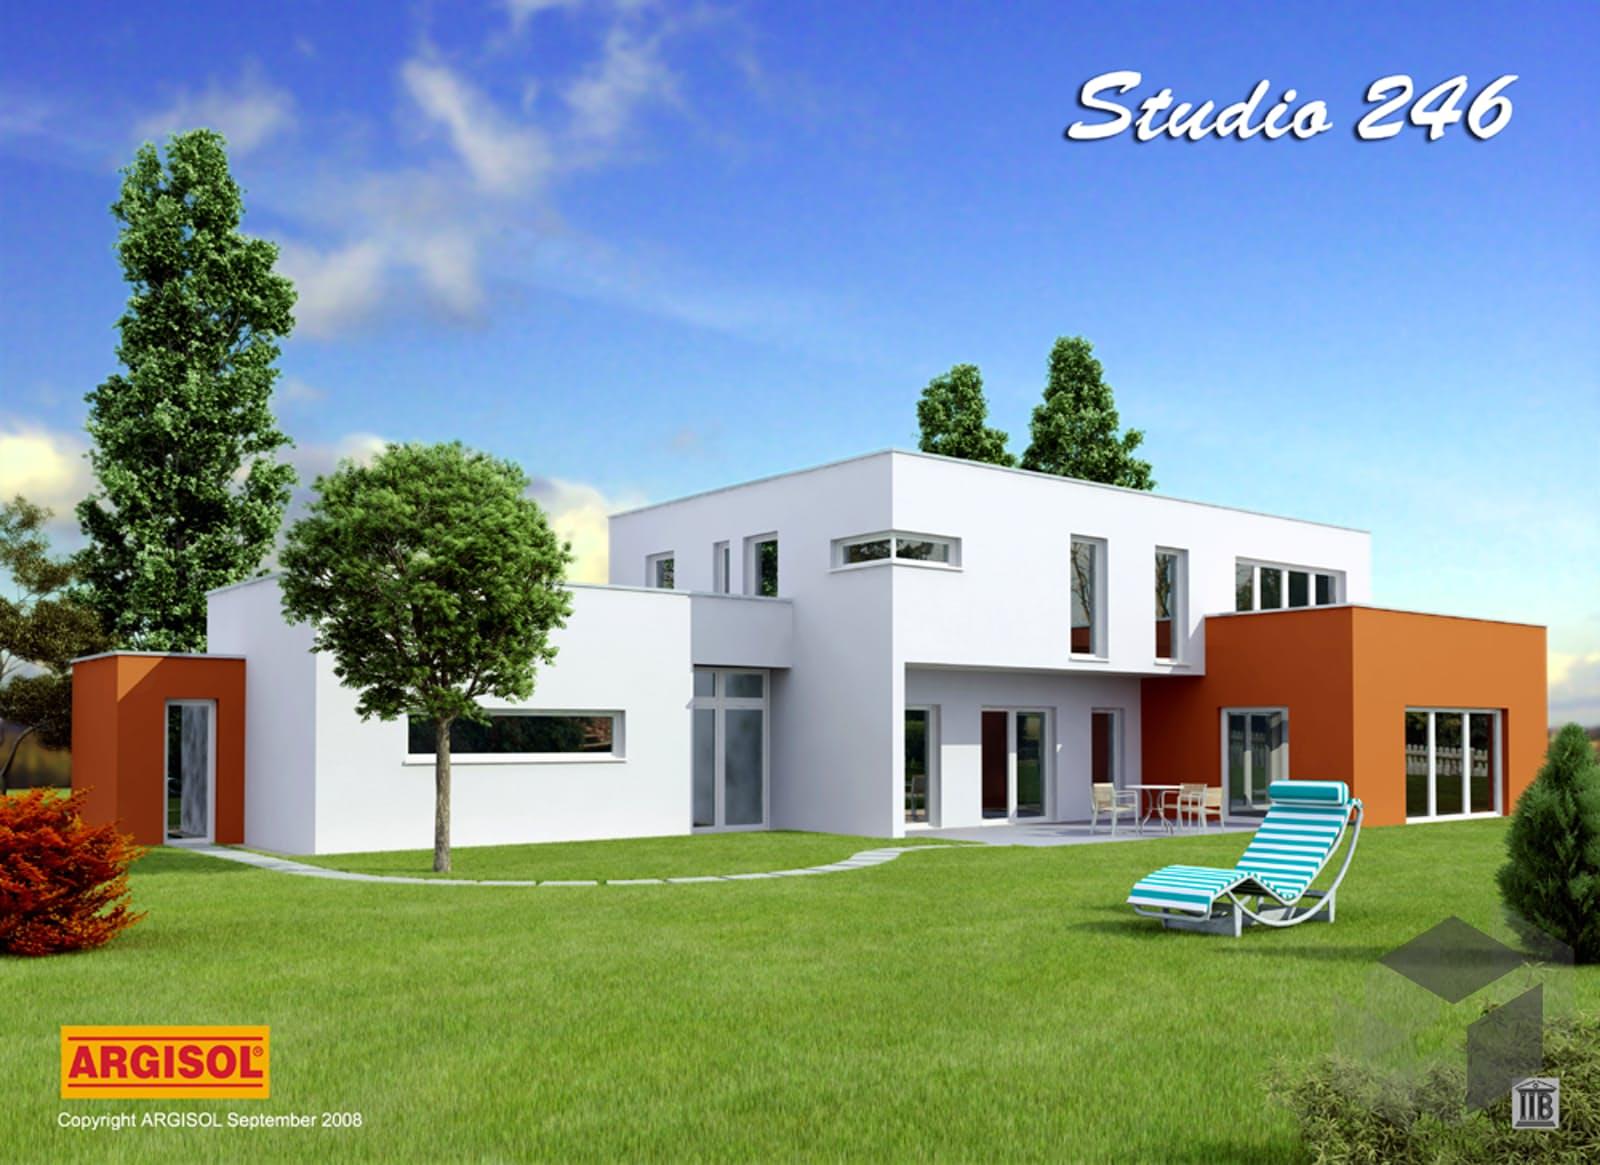 studio 246 von argisol bausysteme bewa gmbh komplette. Black Bedroom Furniture Sets. Home Design Ideas